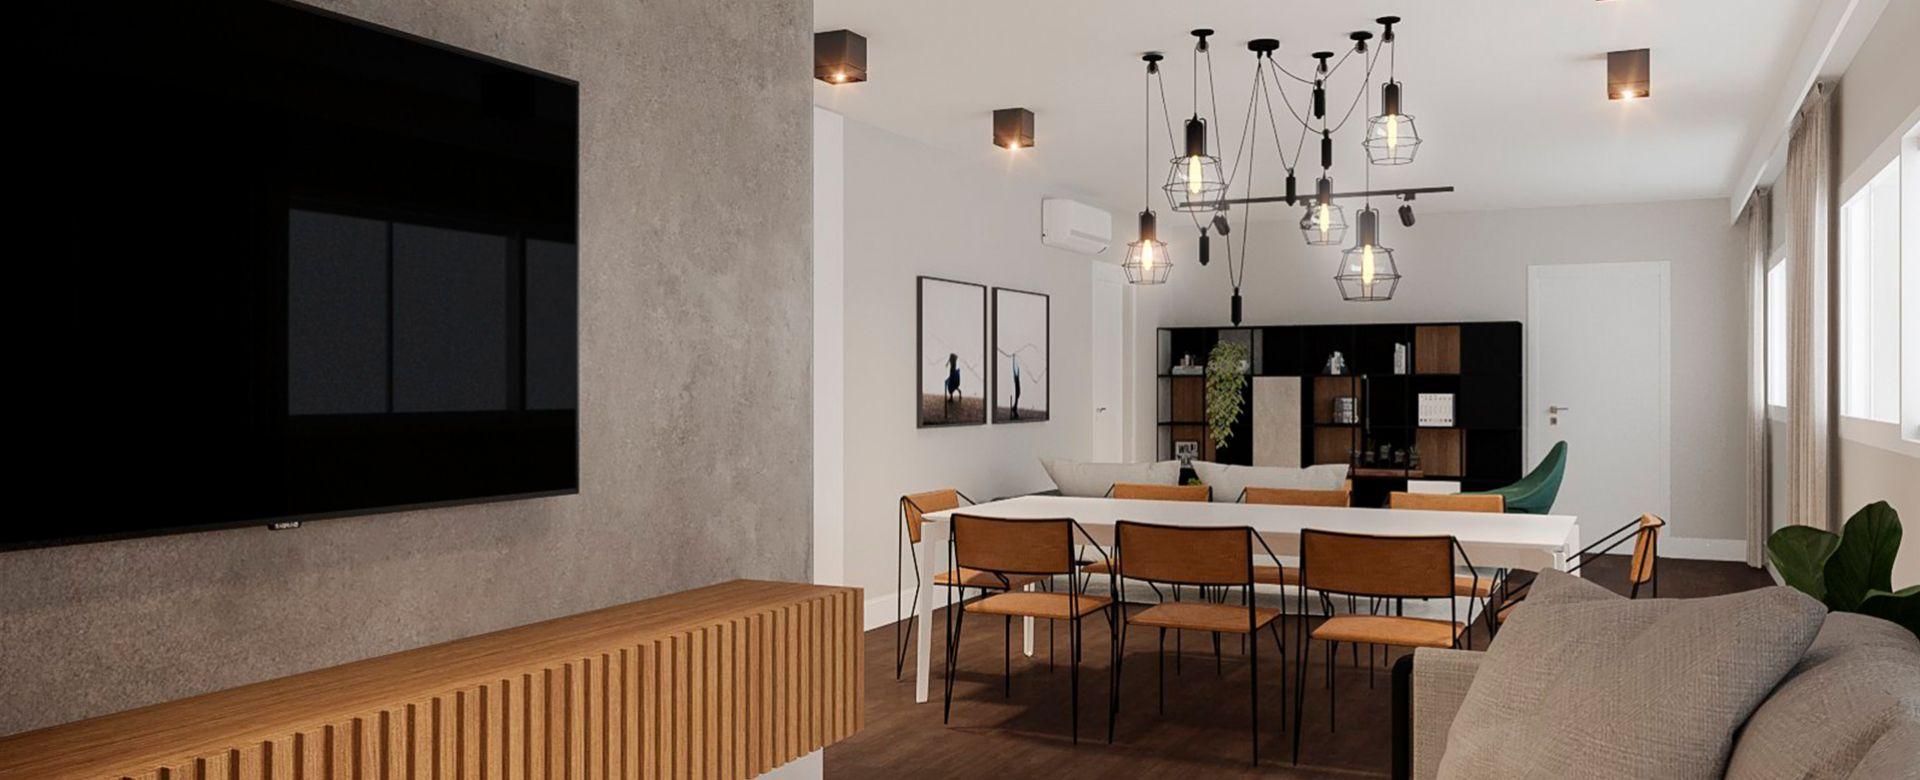 Imagem destaque do Edifício Vivian